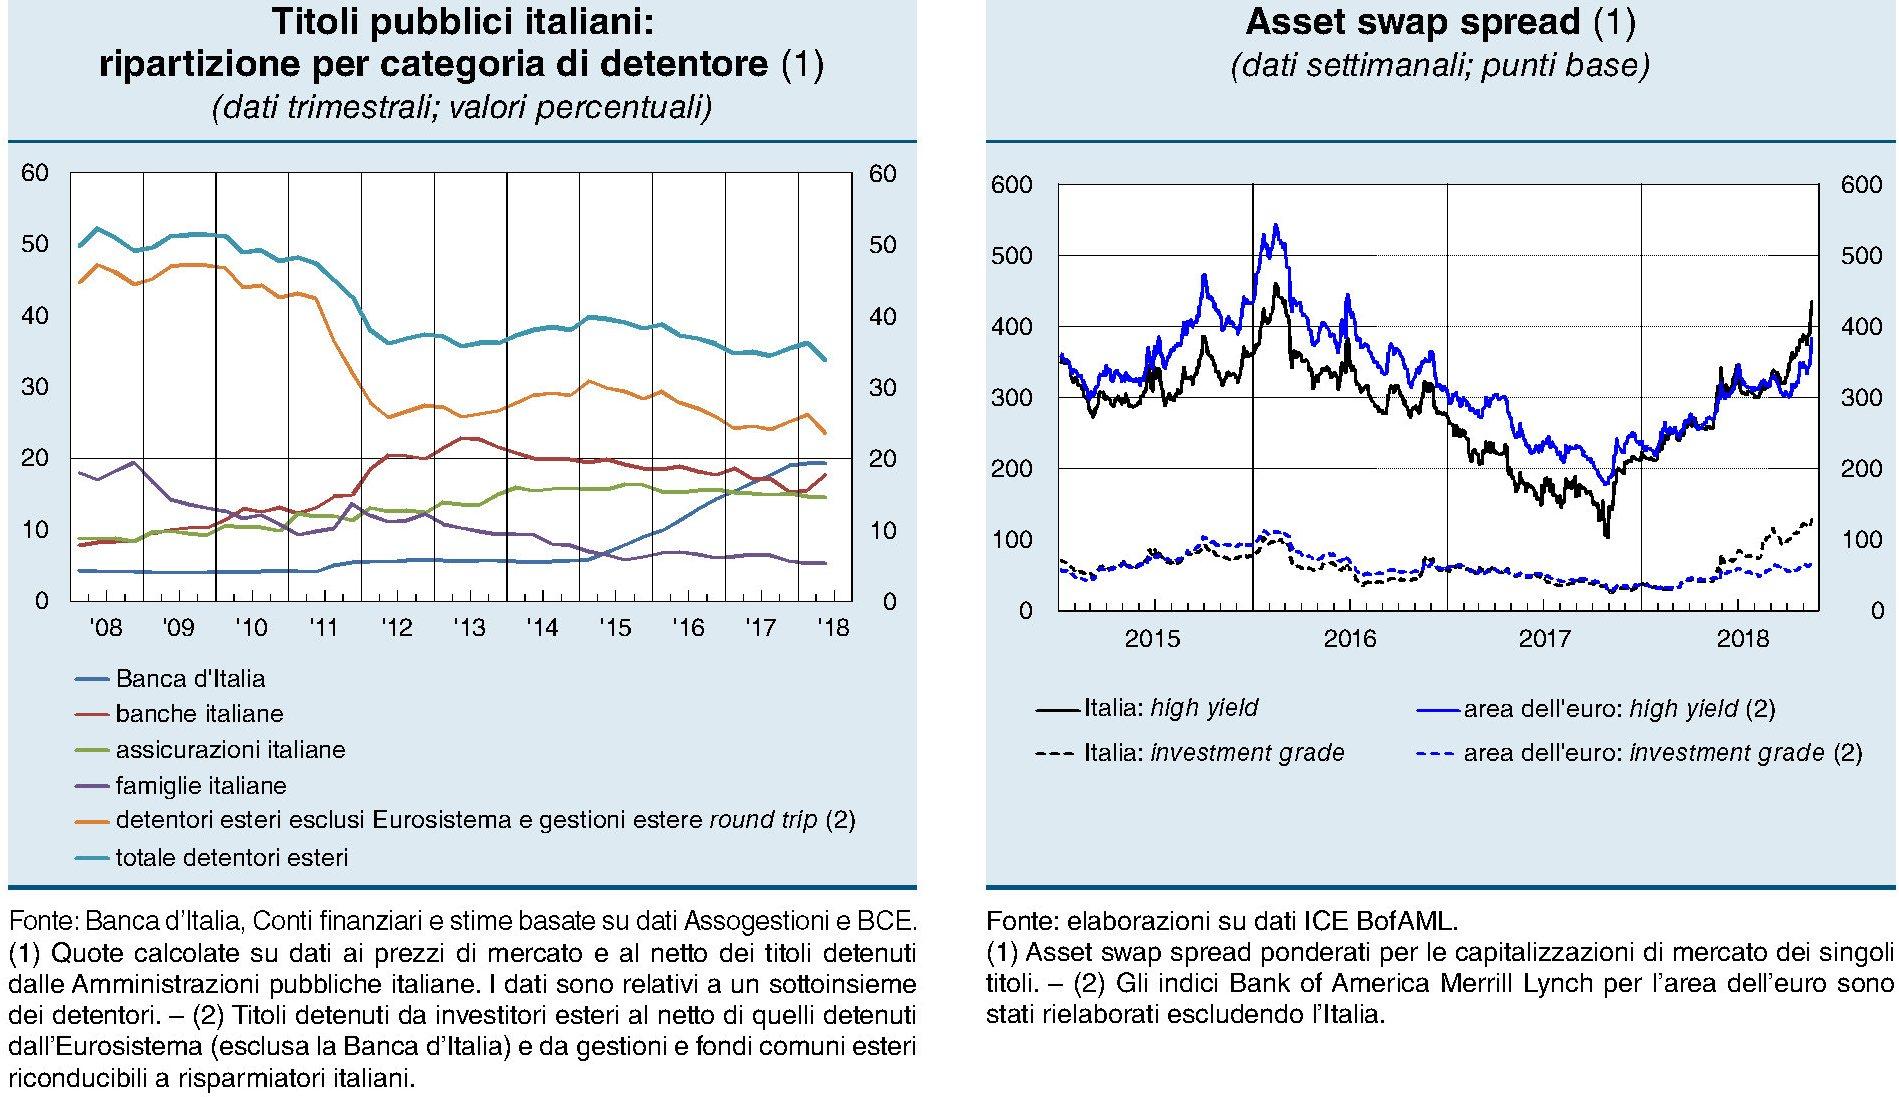 banca-ditalia-rapporto-stabilitc3a0-finanziaria-novembre-2018-detentori-titoli-esteri.jpg (1899×1097)